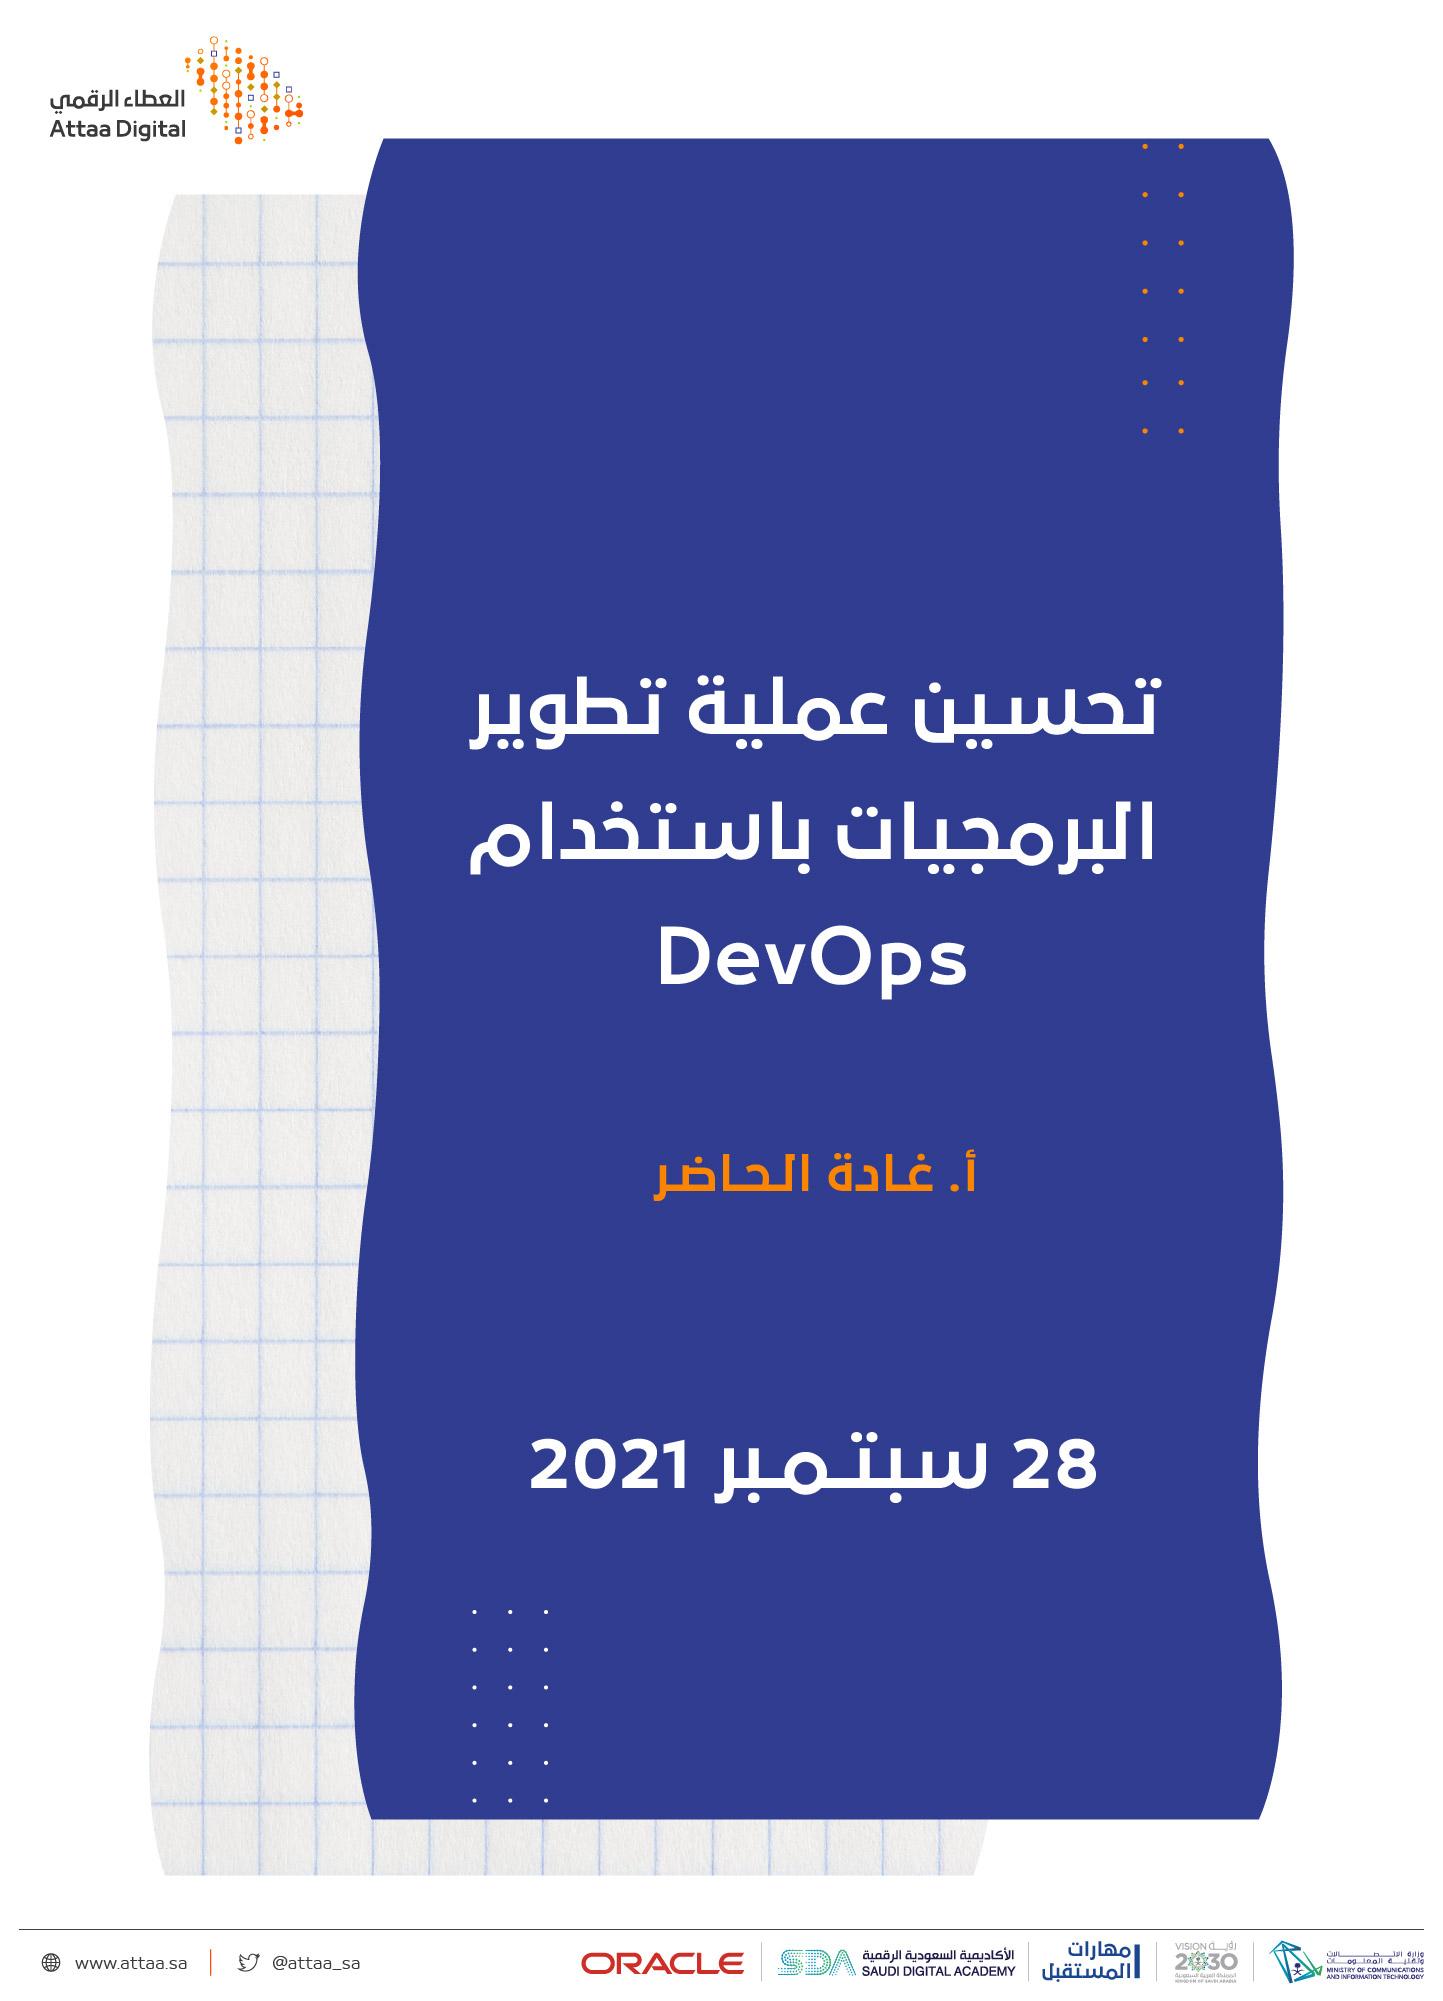 تحسين عملية تطوير البرمجيات باستخدام…